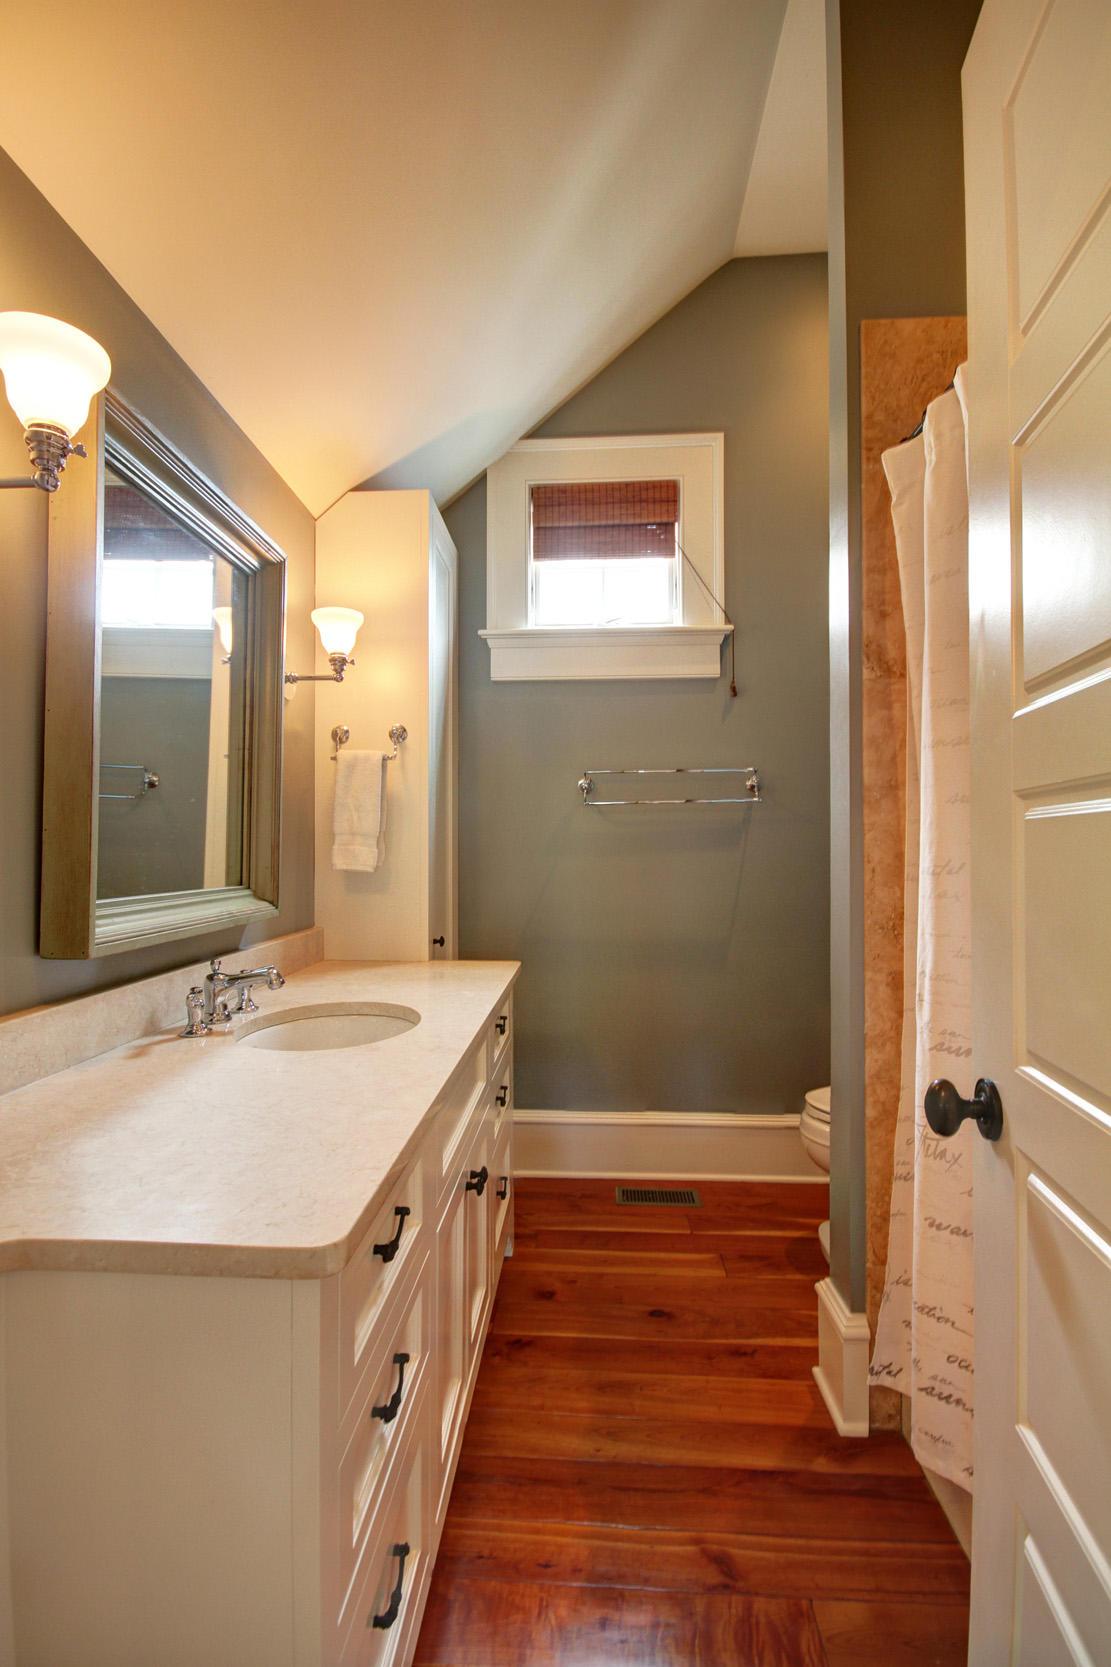 Belle Hall Homes For Sale - 821 Bridgetown Pass, Mount Pleasant, SC - 18